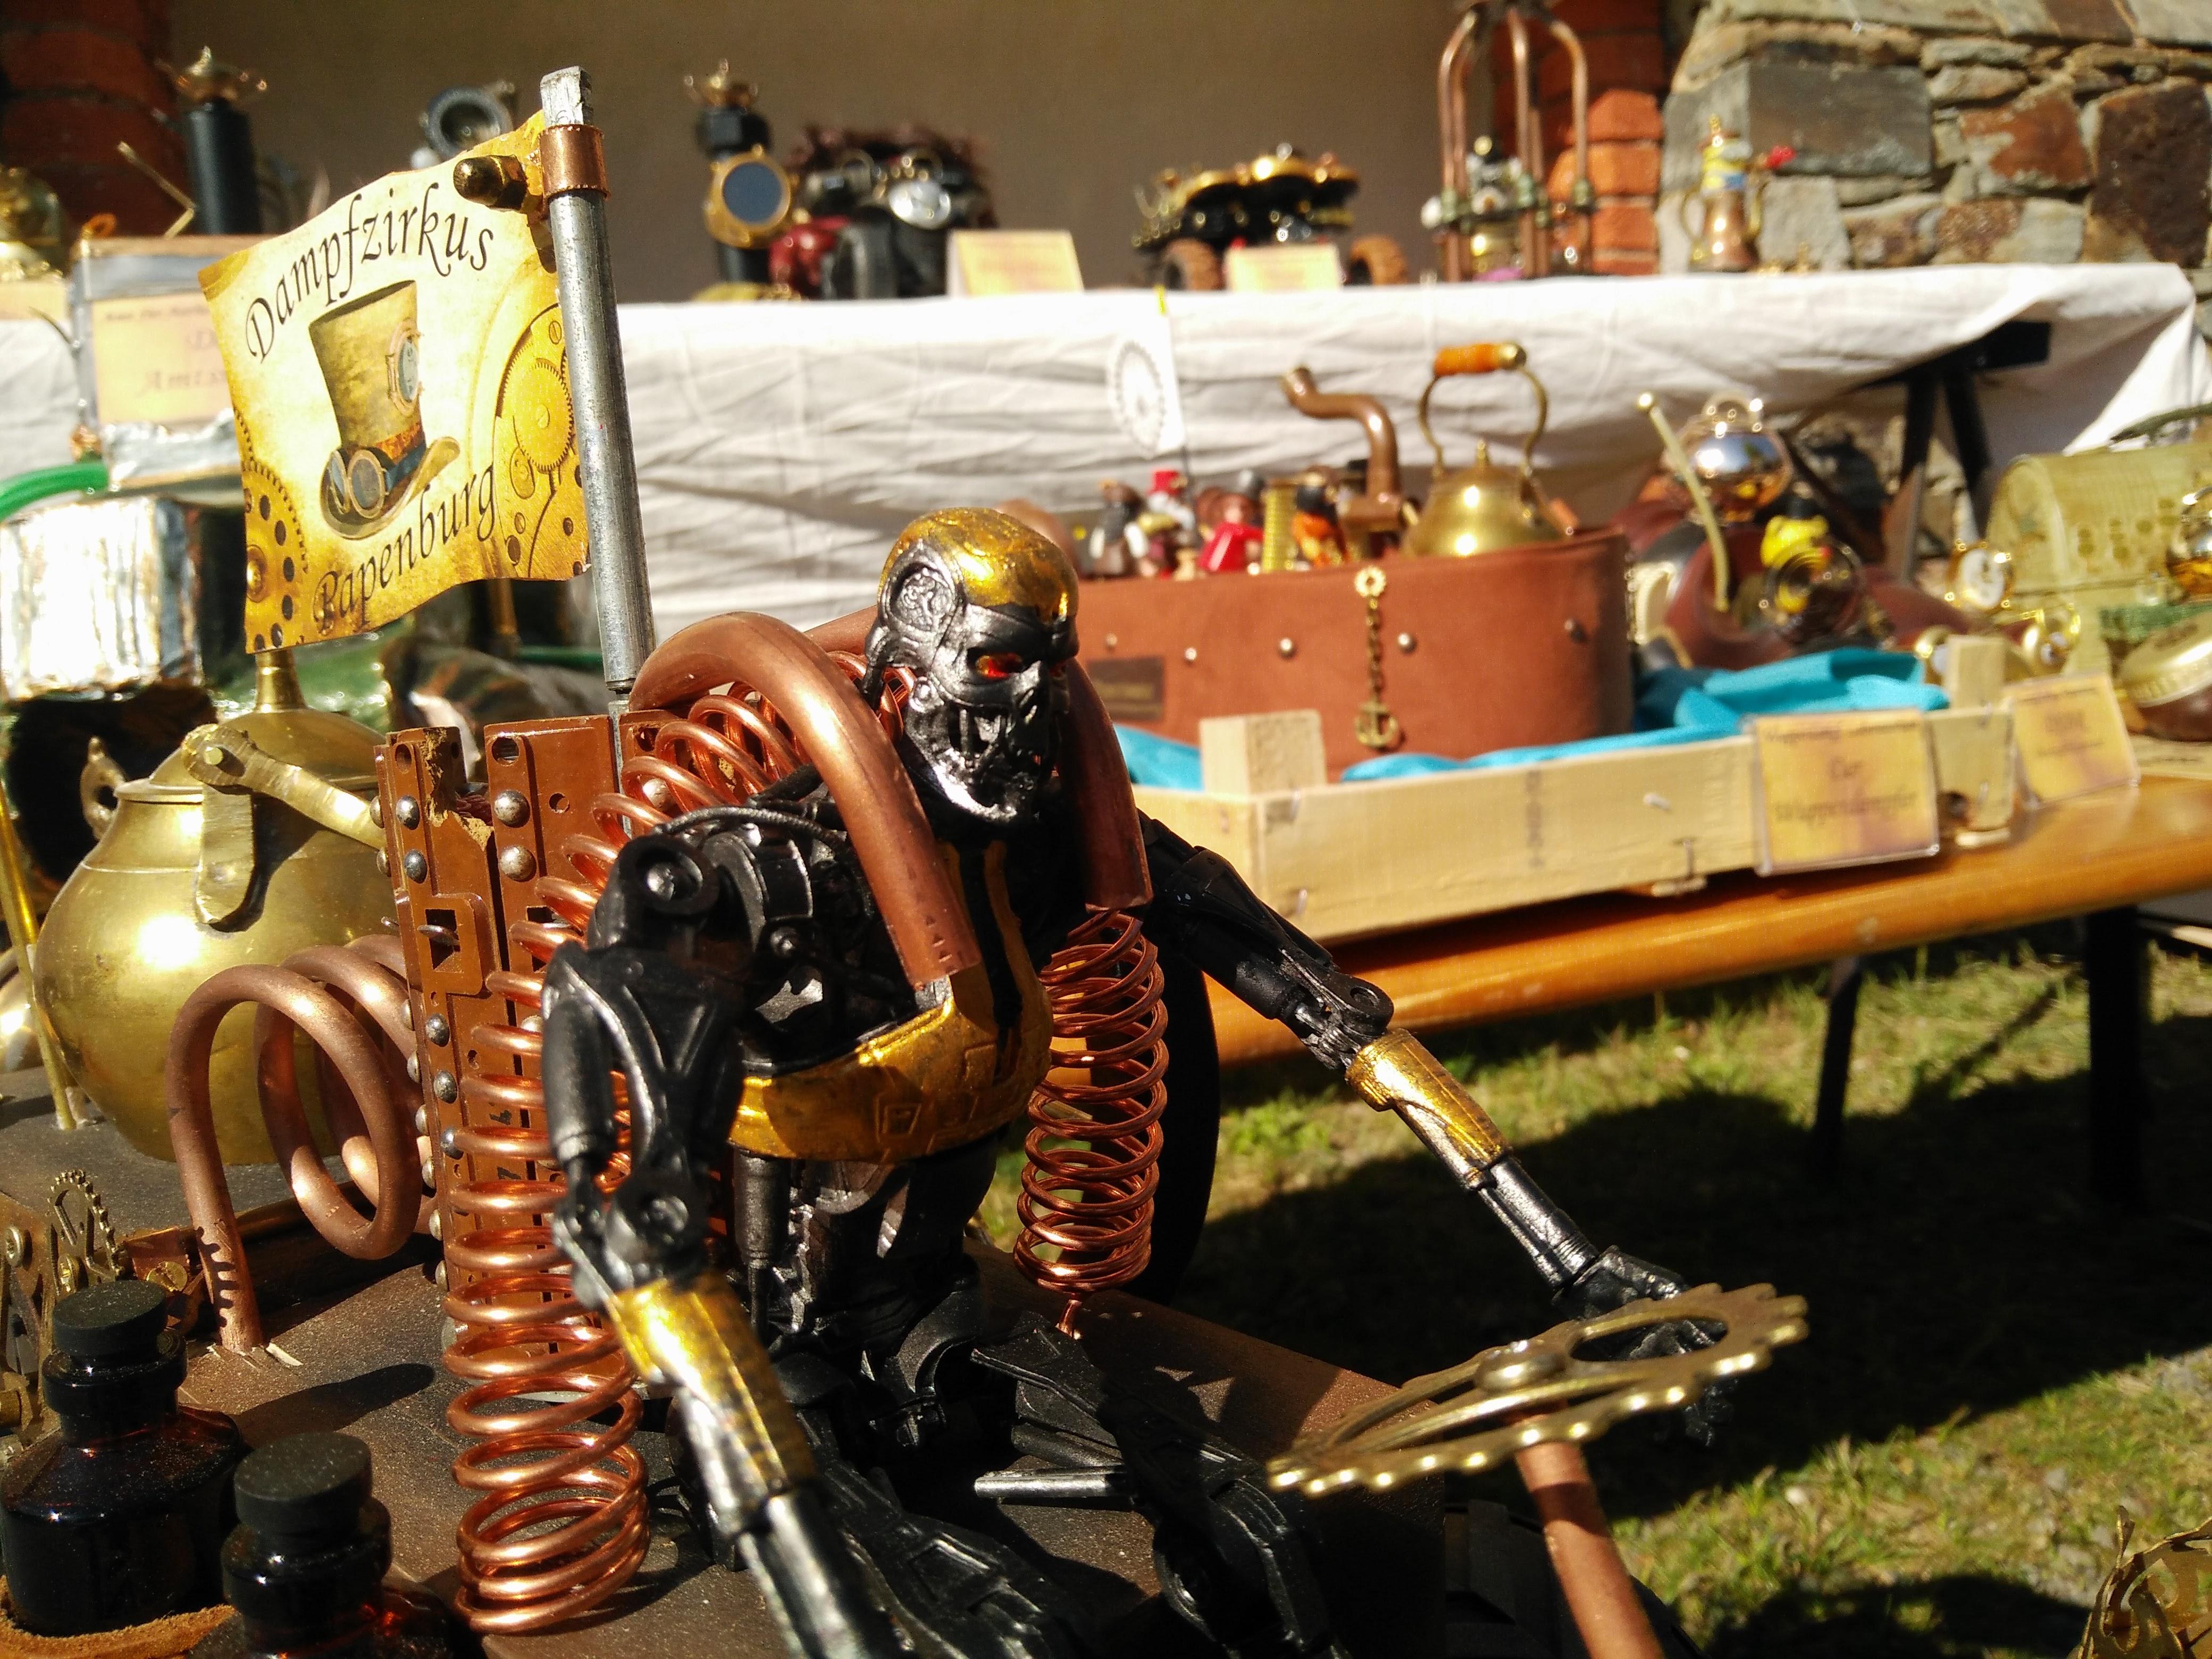 Steampunkspass: Mein Eindruck vom Festival in Osnabrueck